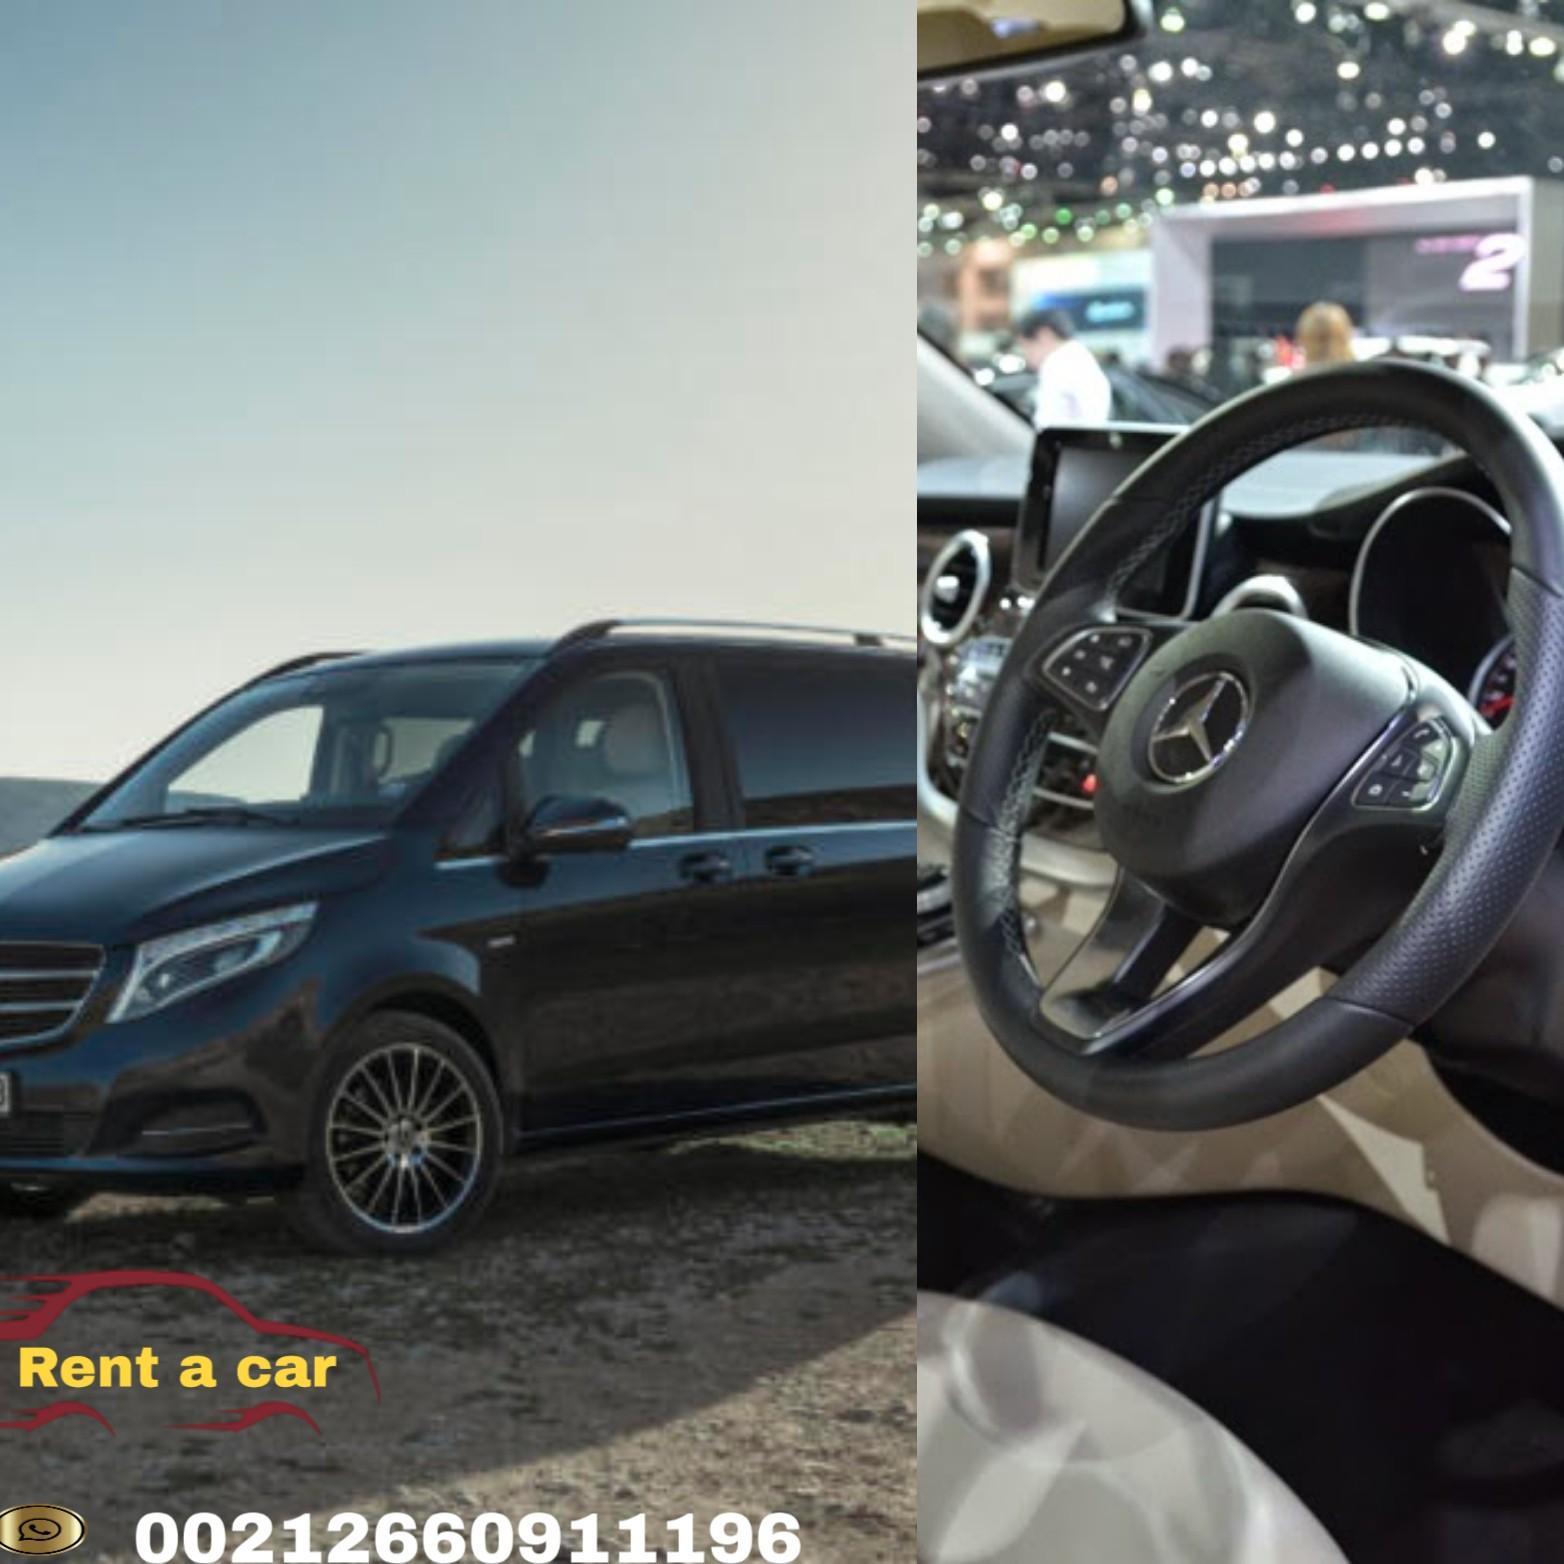 702810 المسافرون العرب تأجير سيارات في المغرب عرض خاص vip